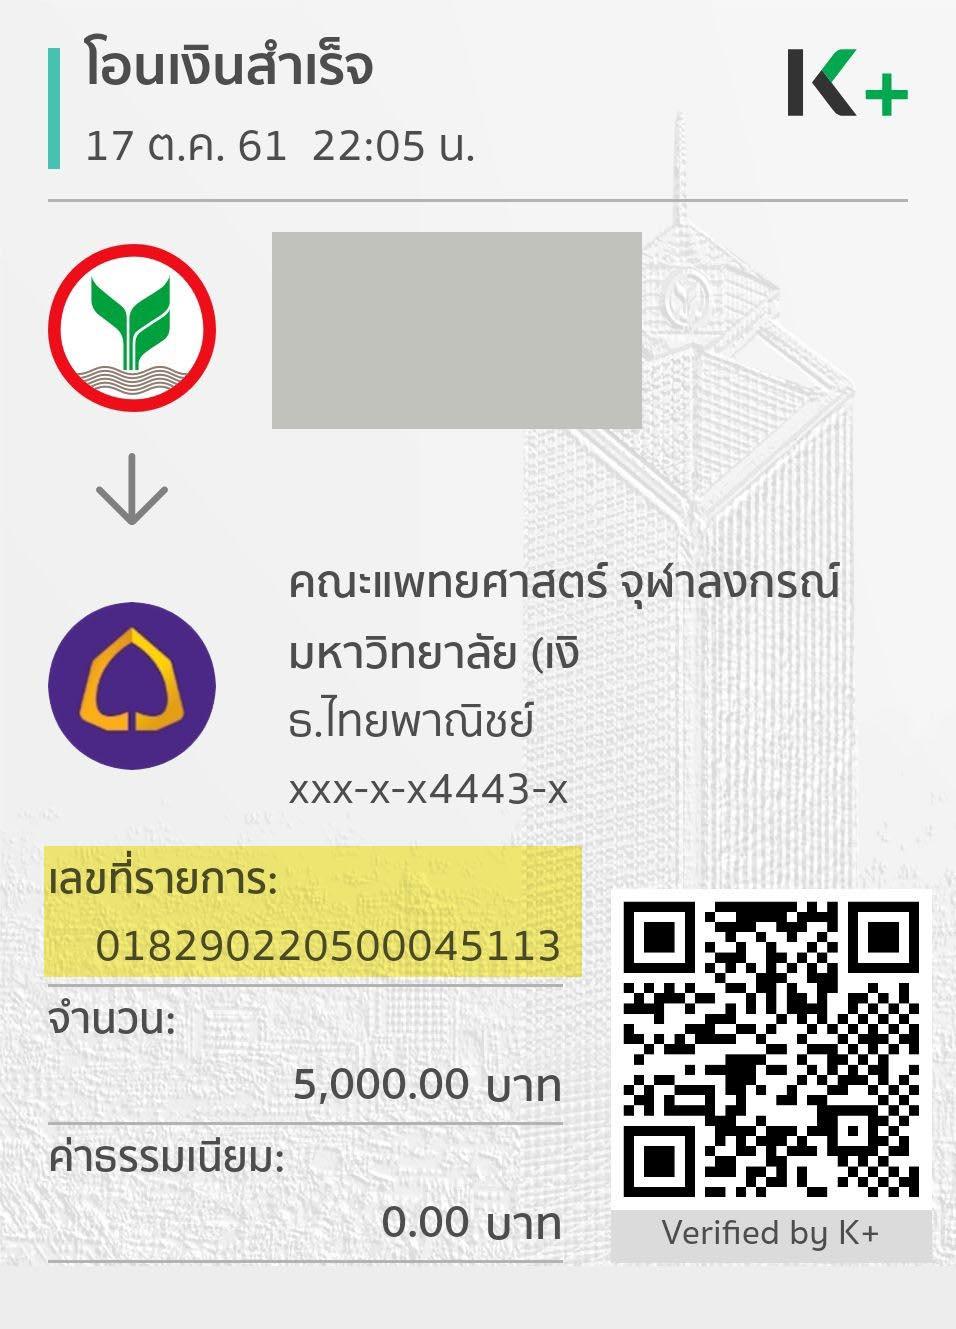 รหัสอ้างอิงธนาคารกสิกรไทย